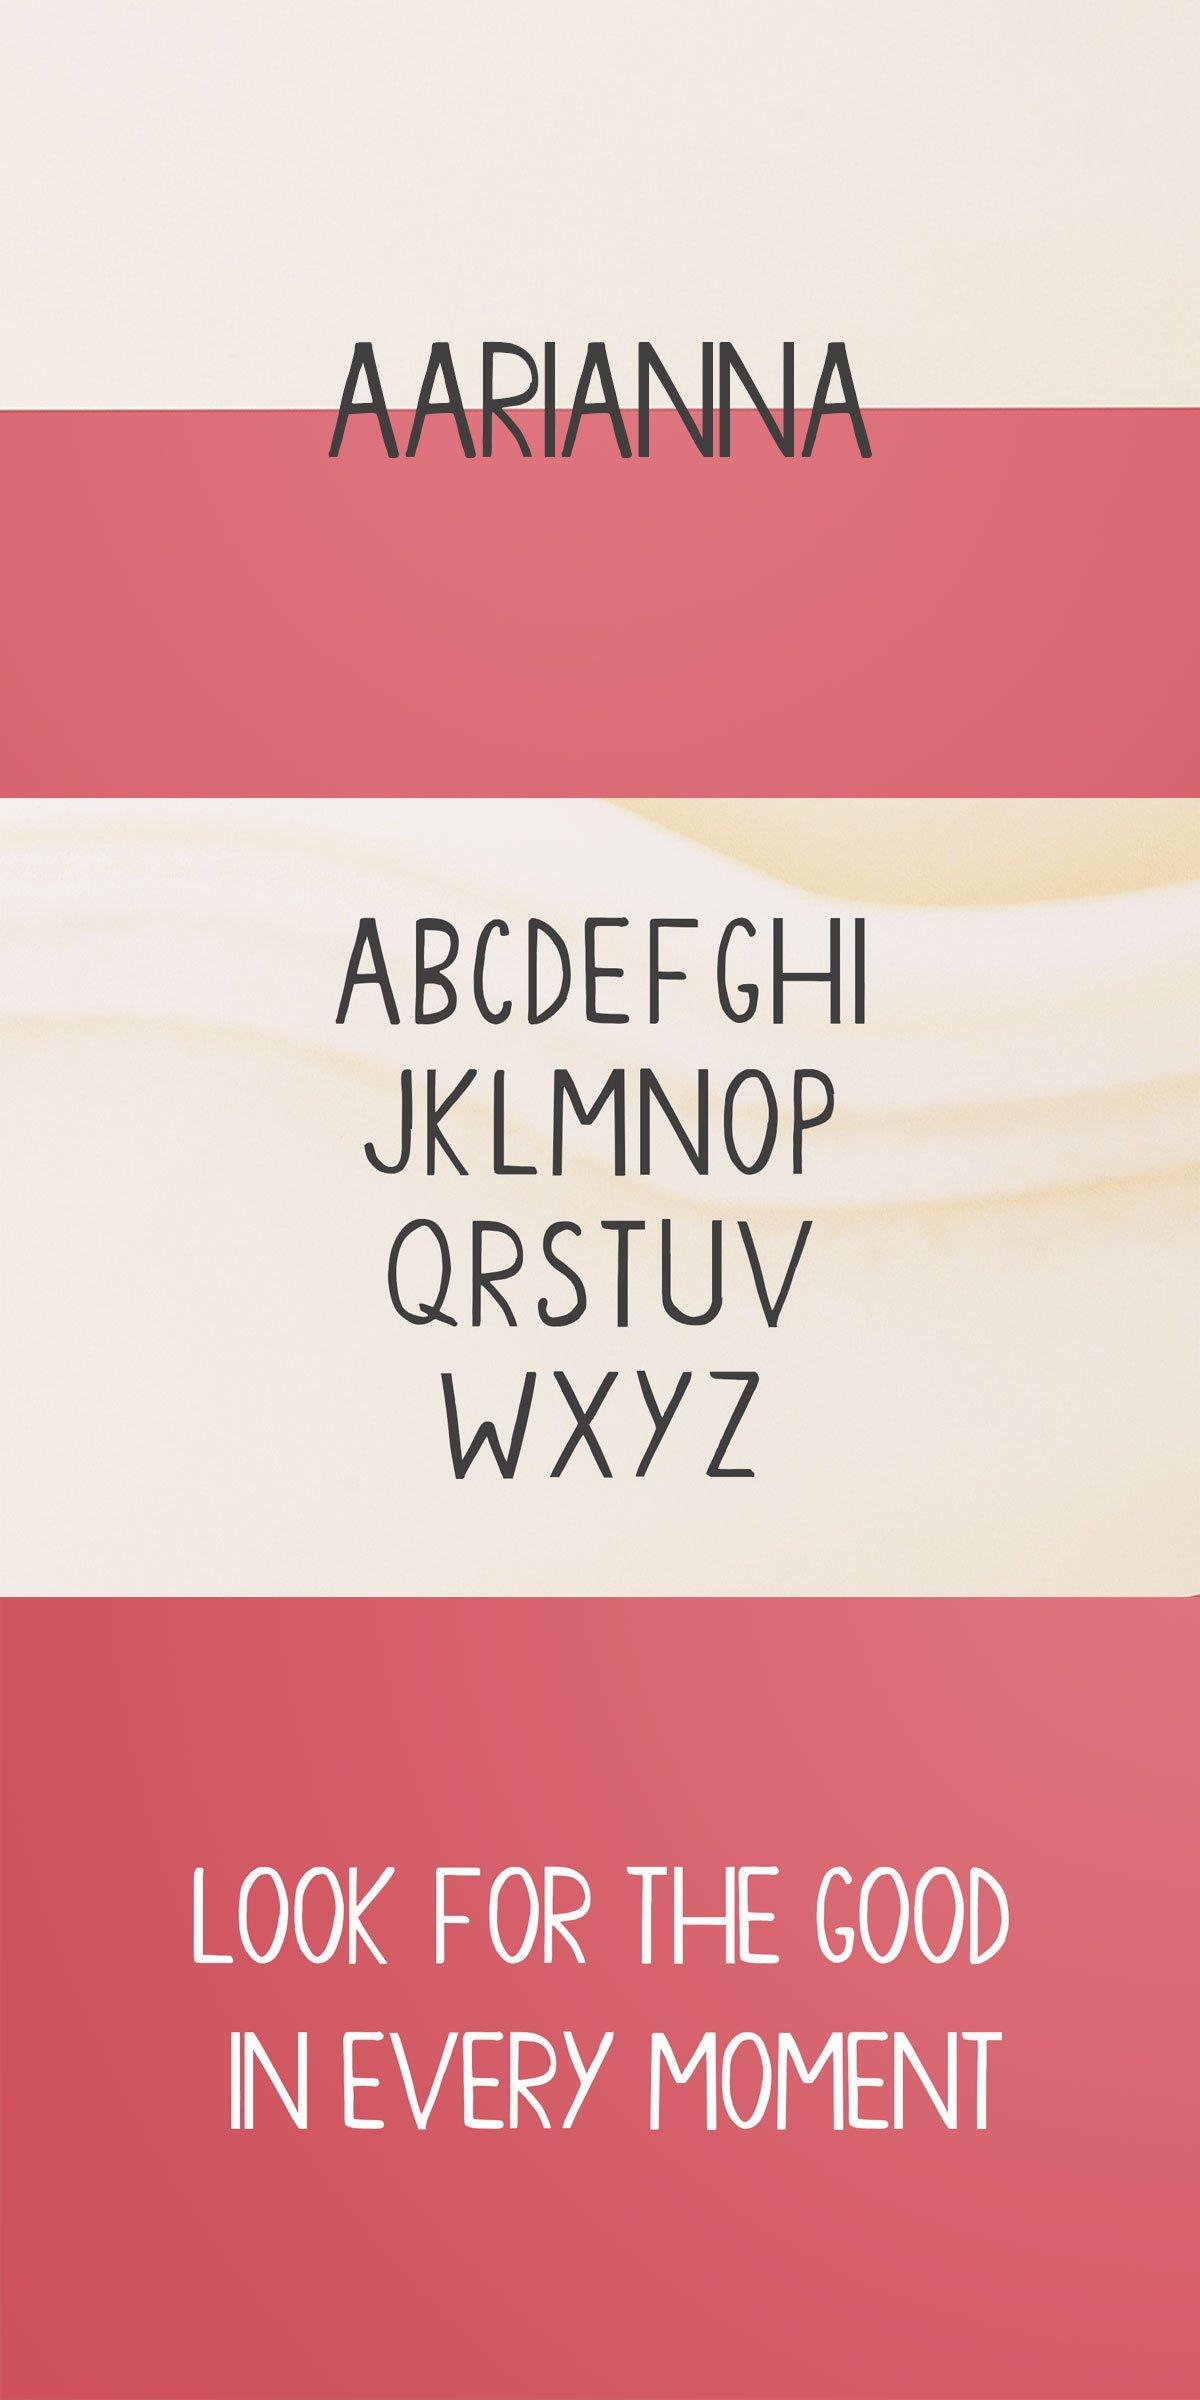 Free Aarianna Handmade Brush Font